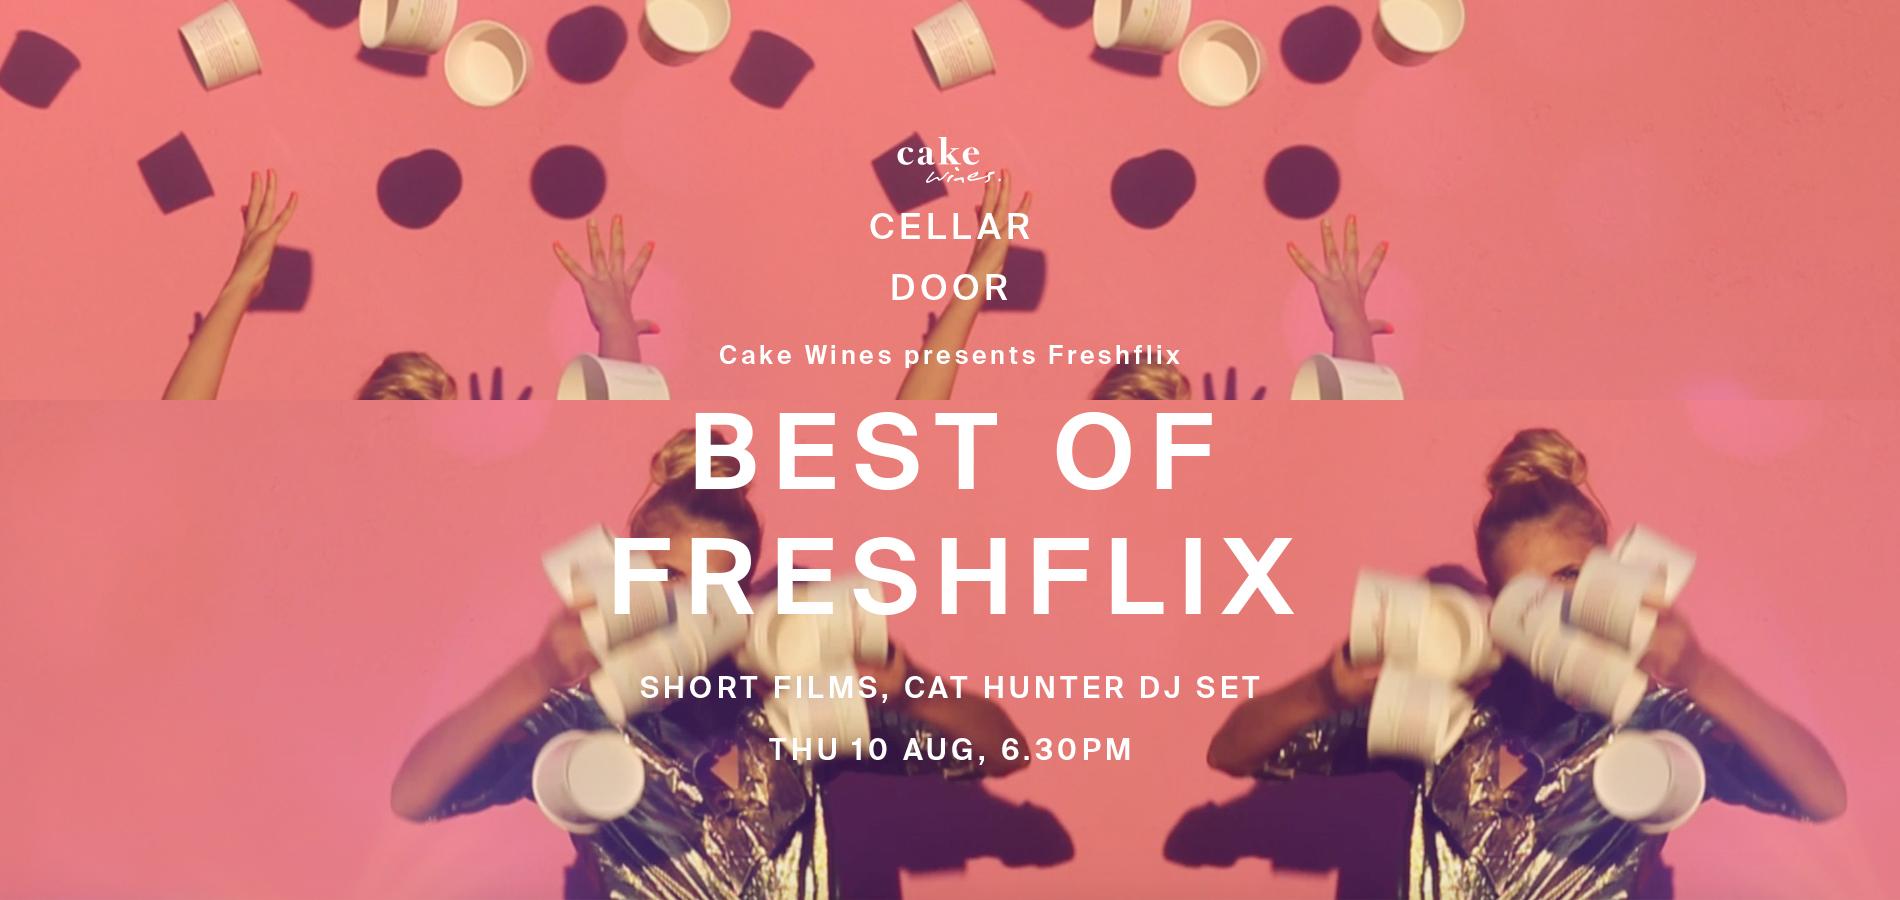 Cakewines Freshflix Header.jpg